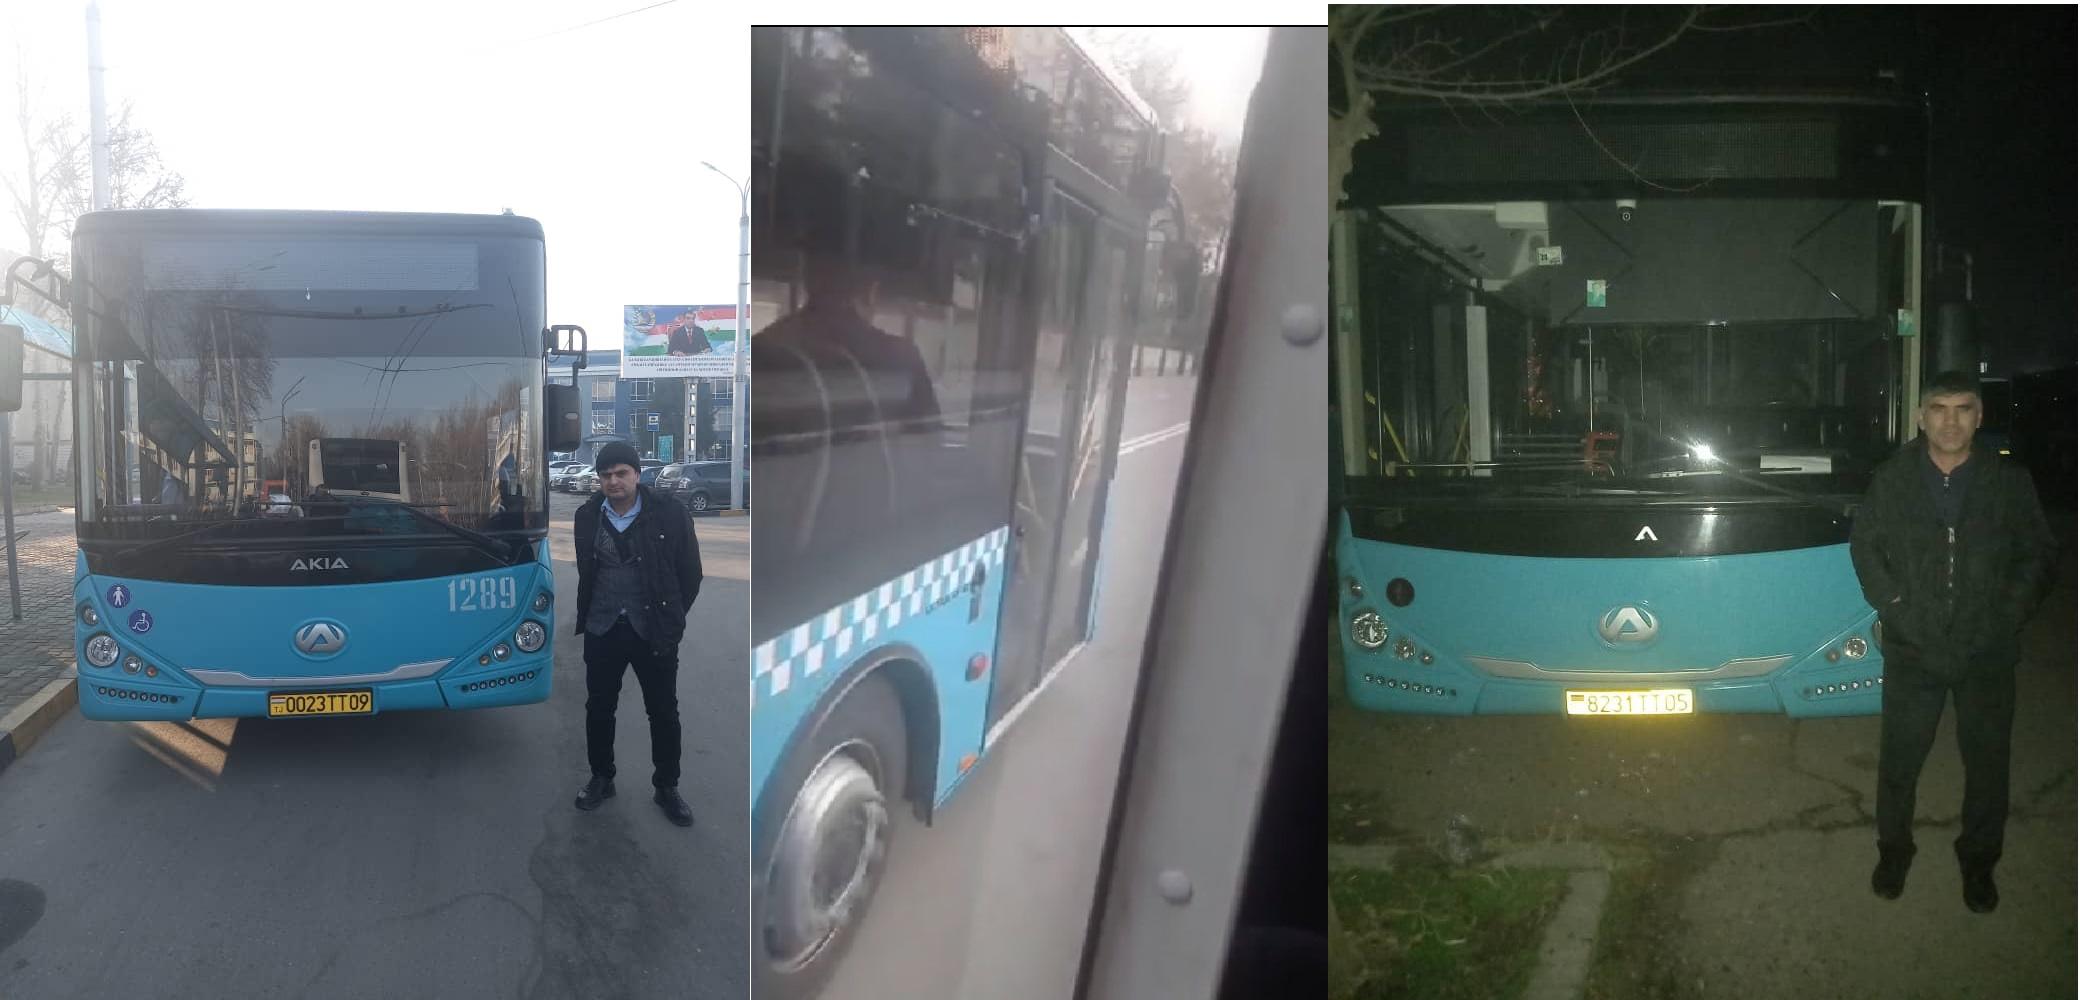 Пойгаи ронандагони автобус (навор): Ҷаримабандӣ ва аз кор озод гардидани ронандагони нақлиёти ҷамъиятӣ